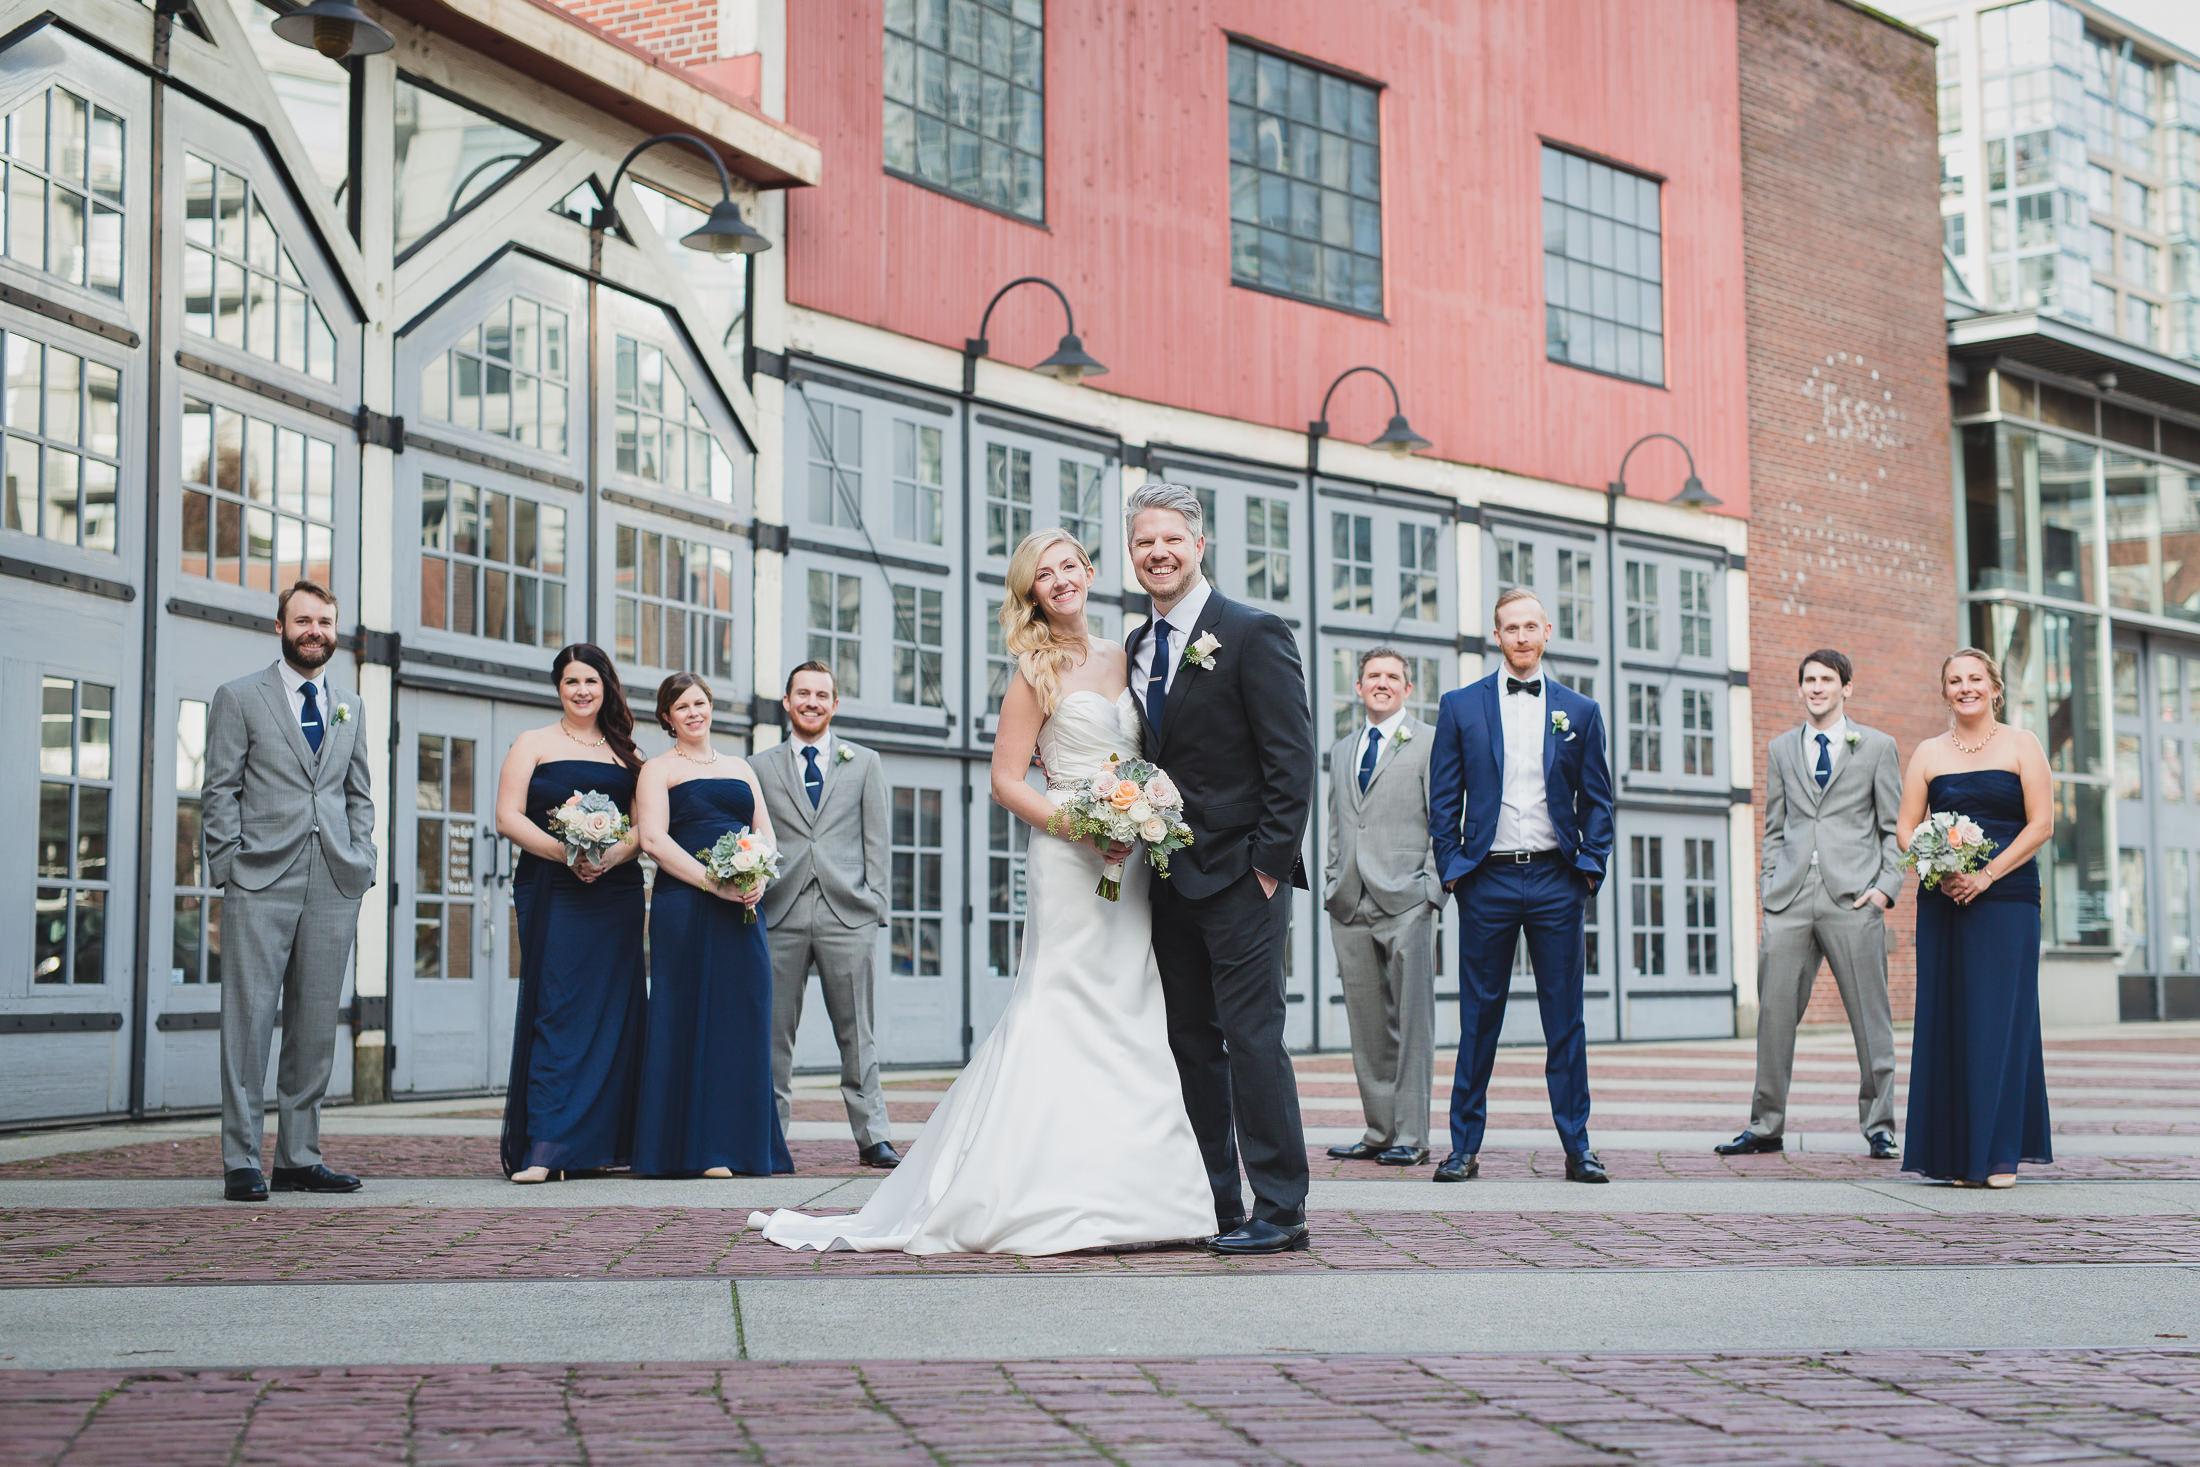 roundhouse yaletown wedding photos, group wedding party photo